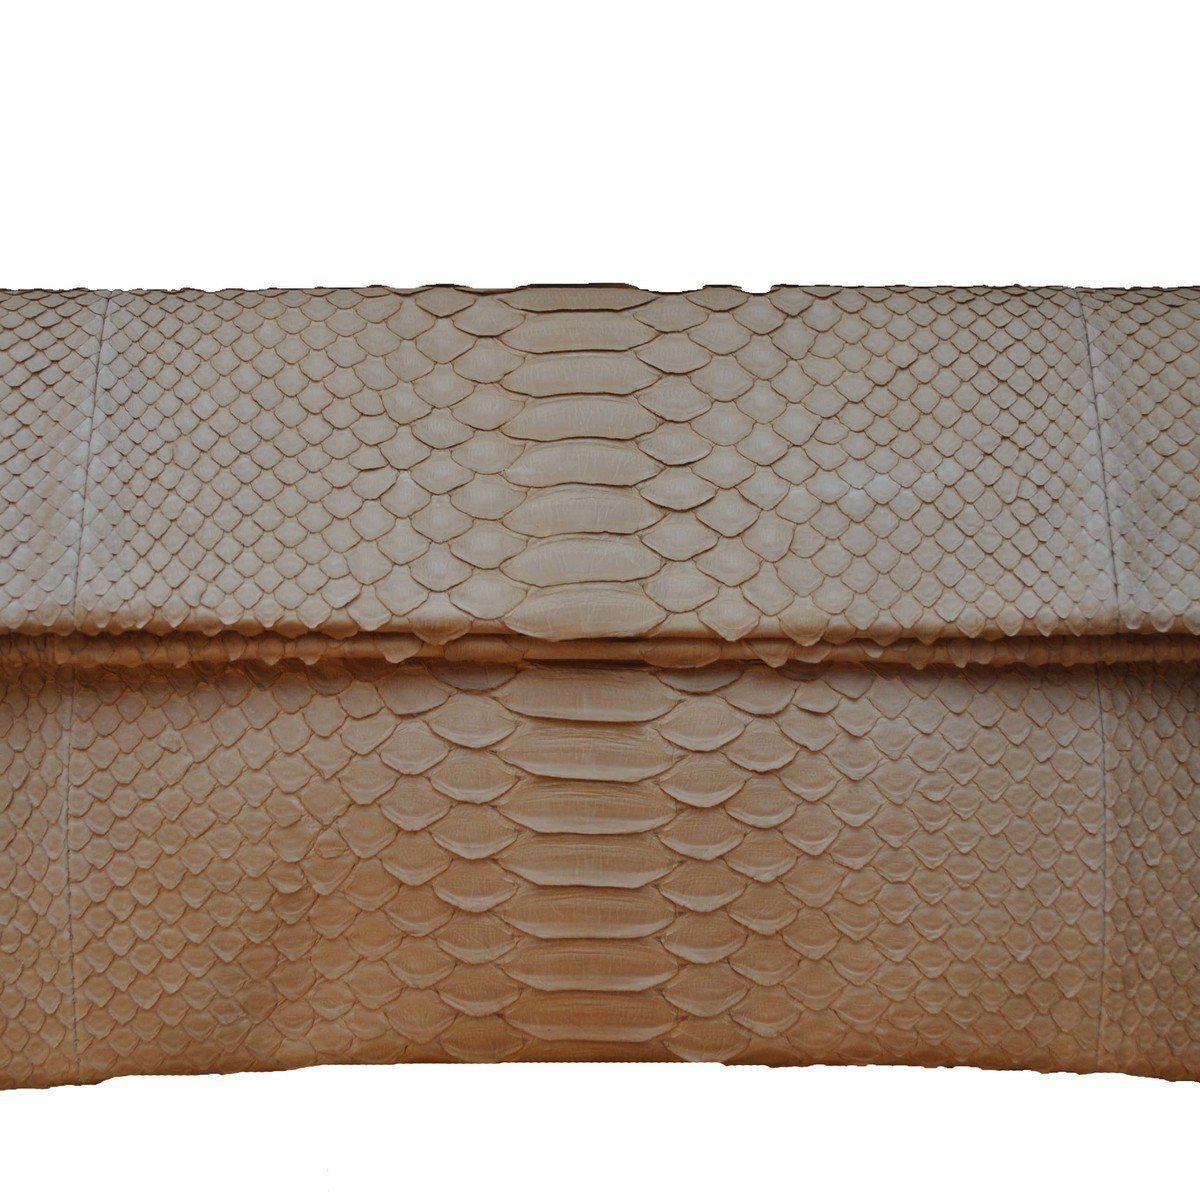 Handbag / Allegra London / Beige Python Envelope Clutch